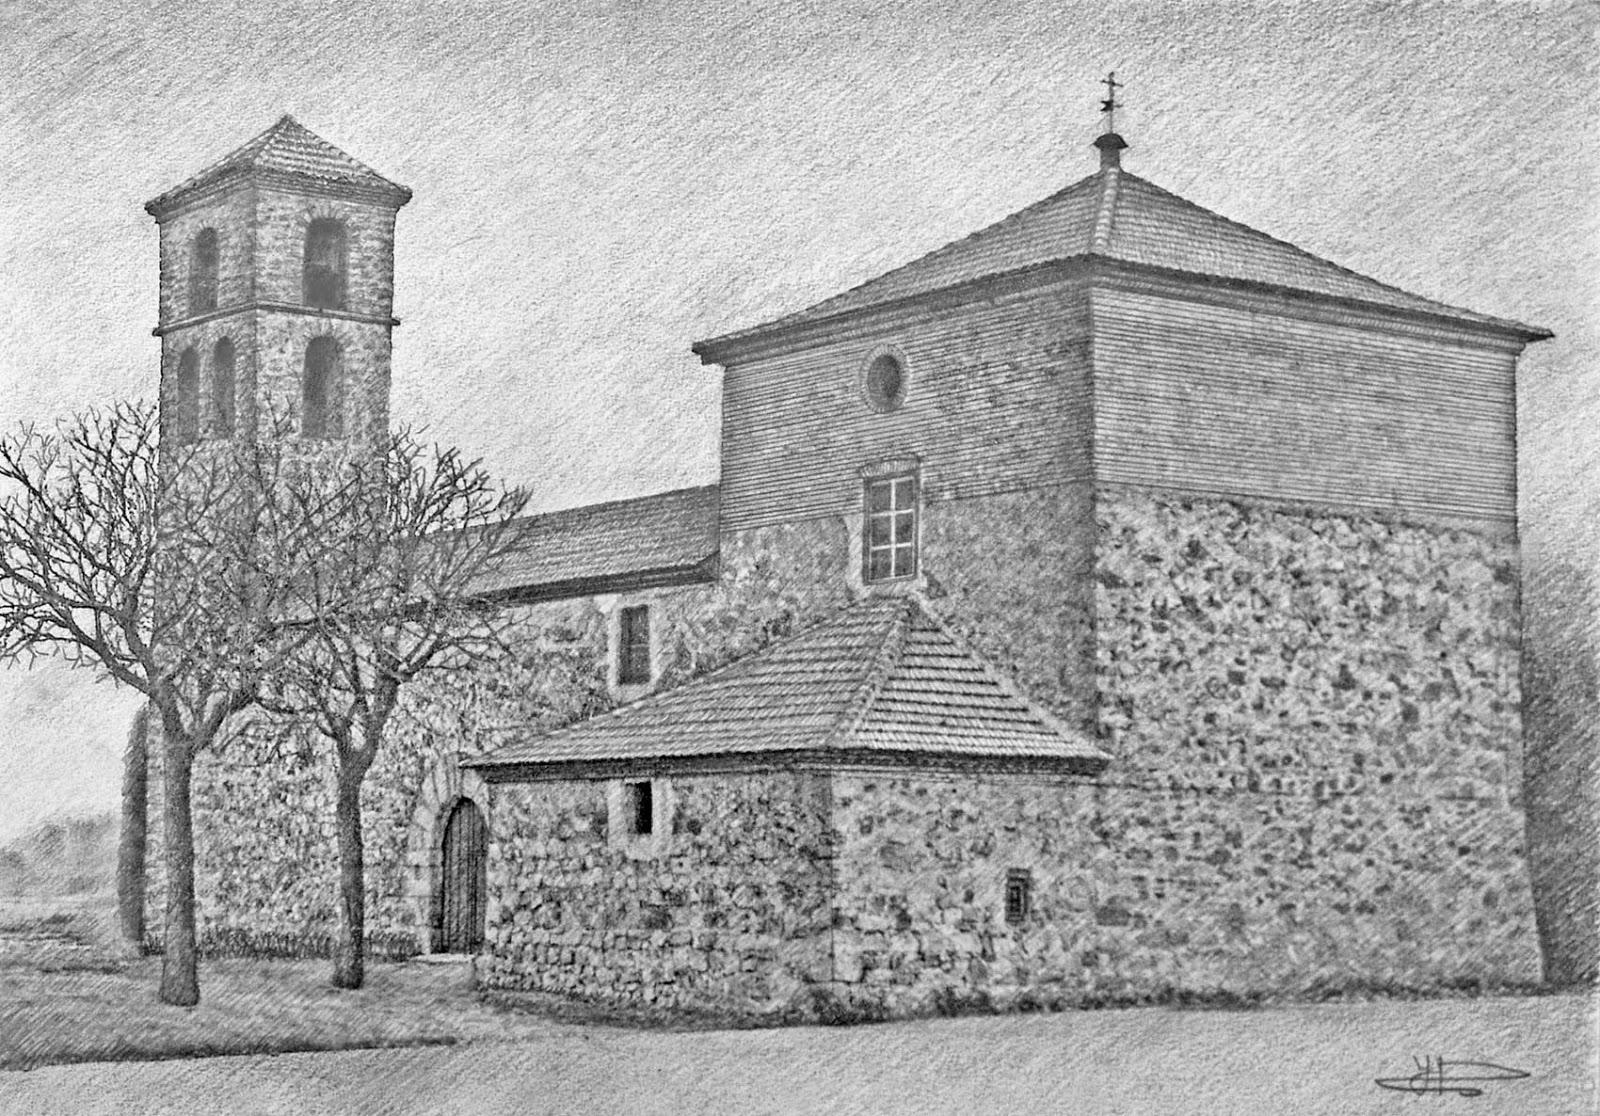 Villabr zaro vivo dibujo de la iglesia - Casas dibujadas a lapiz ...